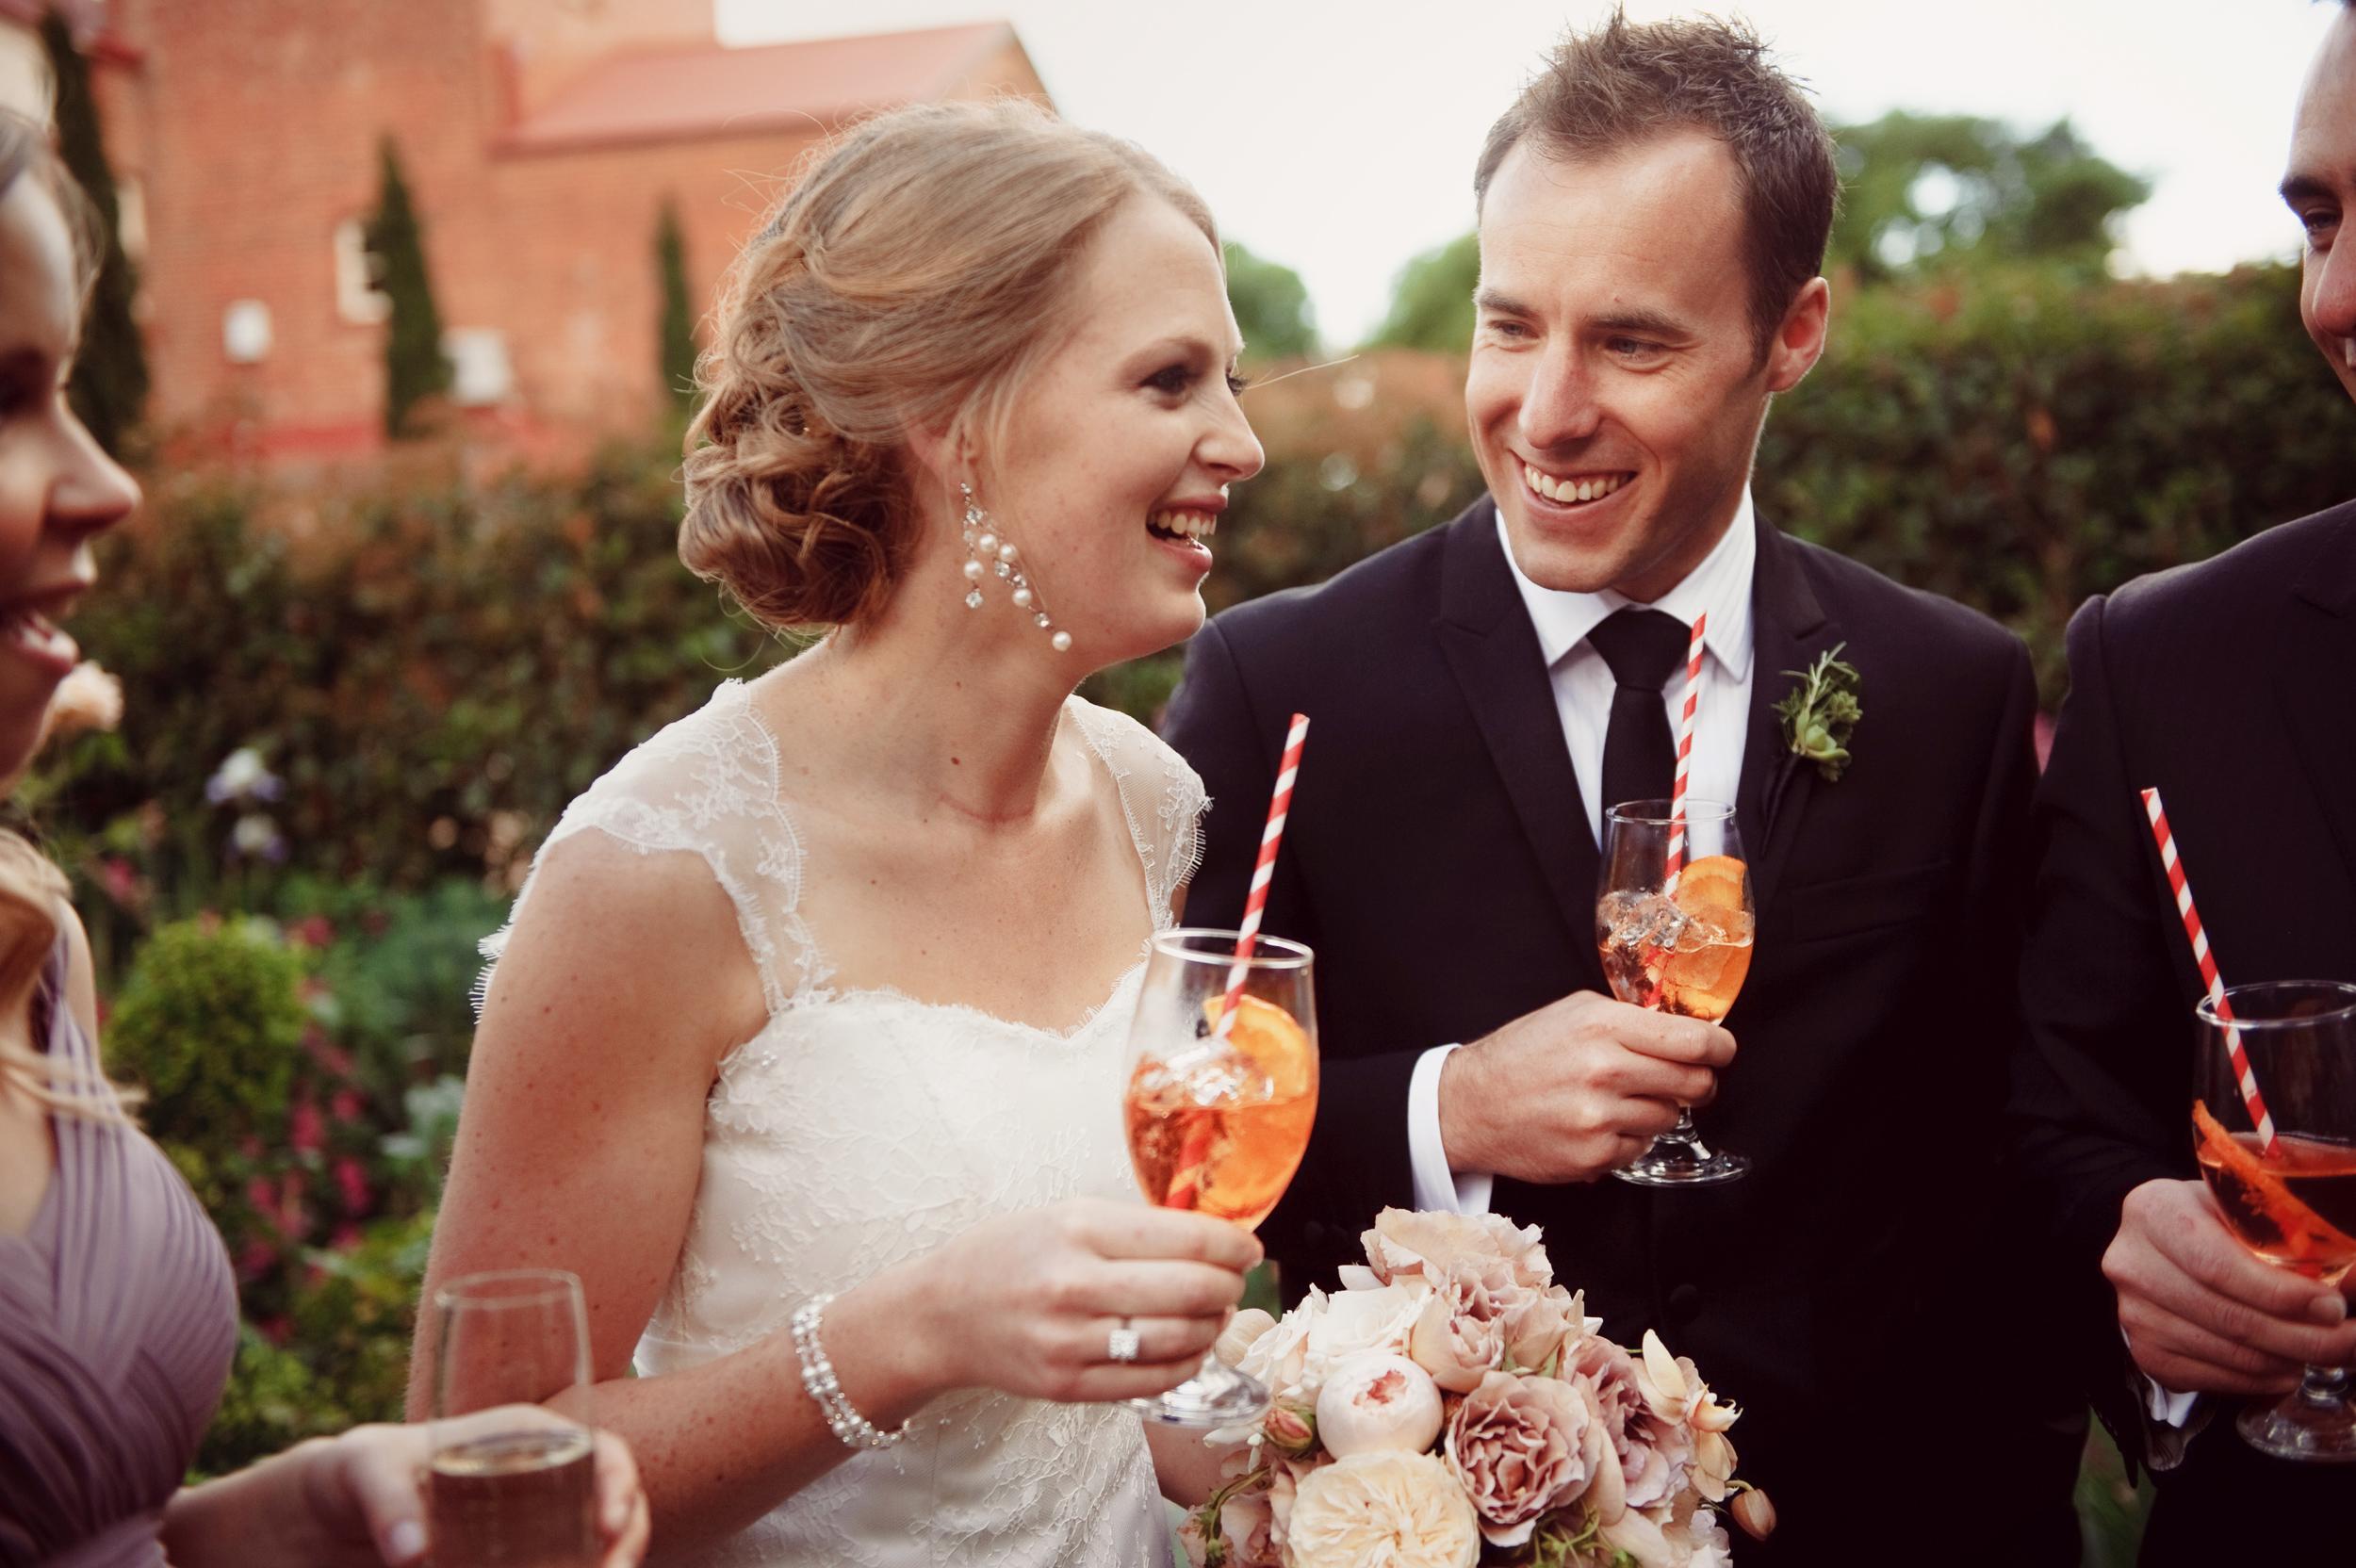 euroa_butter_factory_wedding_photography_72.jpg